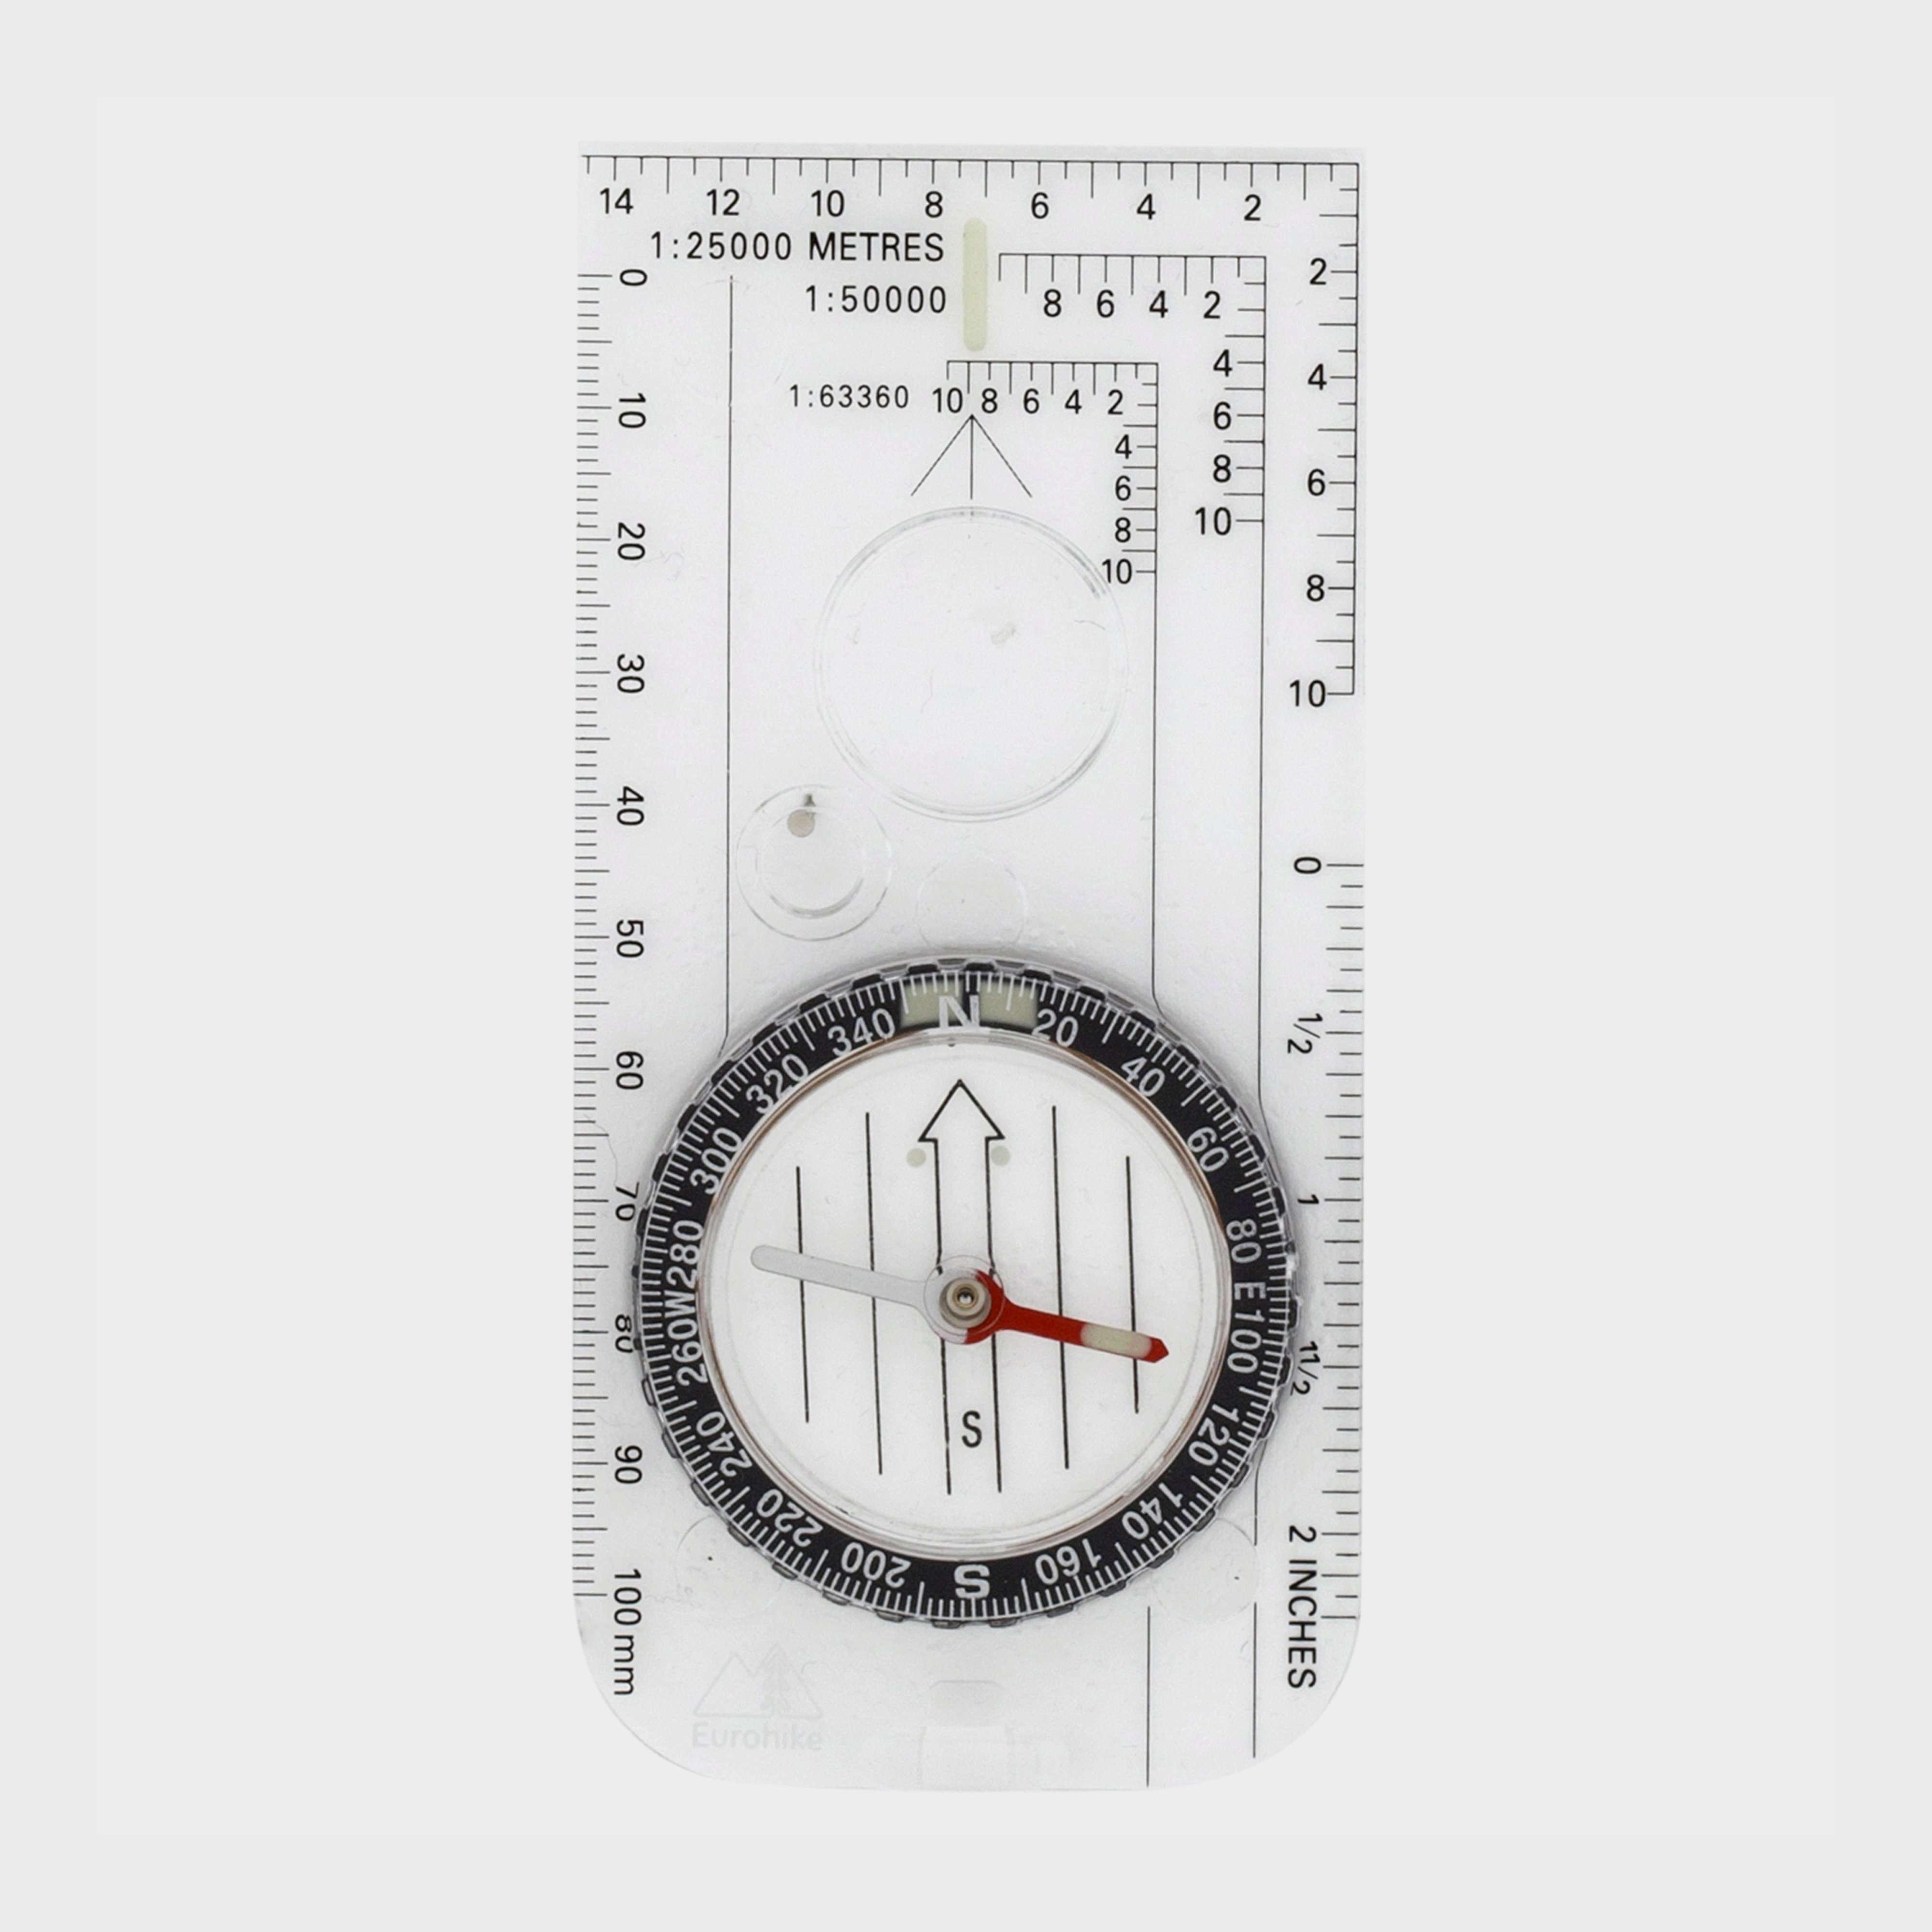 EUROHIKE Navigation Compass